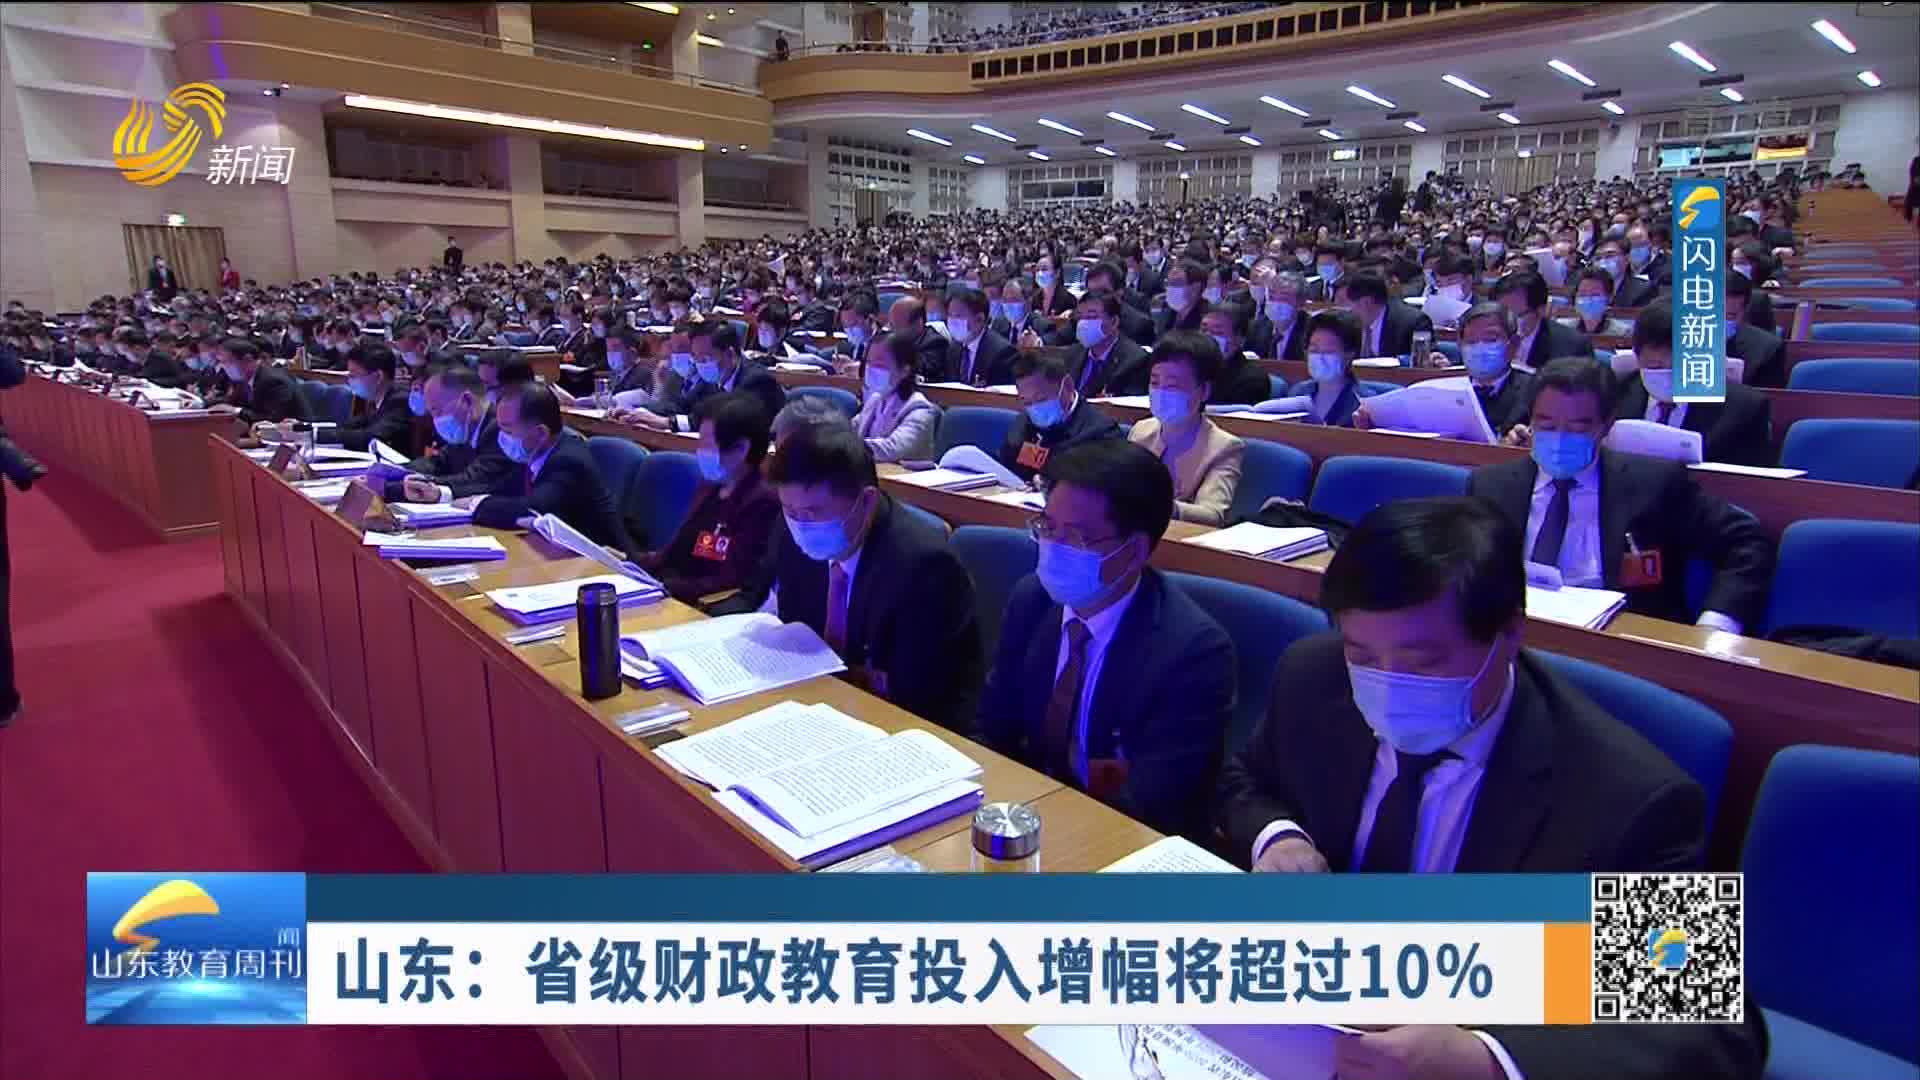 山东:省级财政教育投入增幅将超过10%